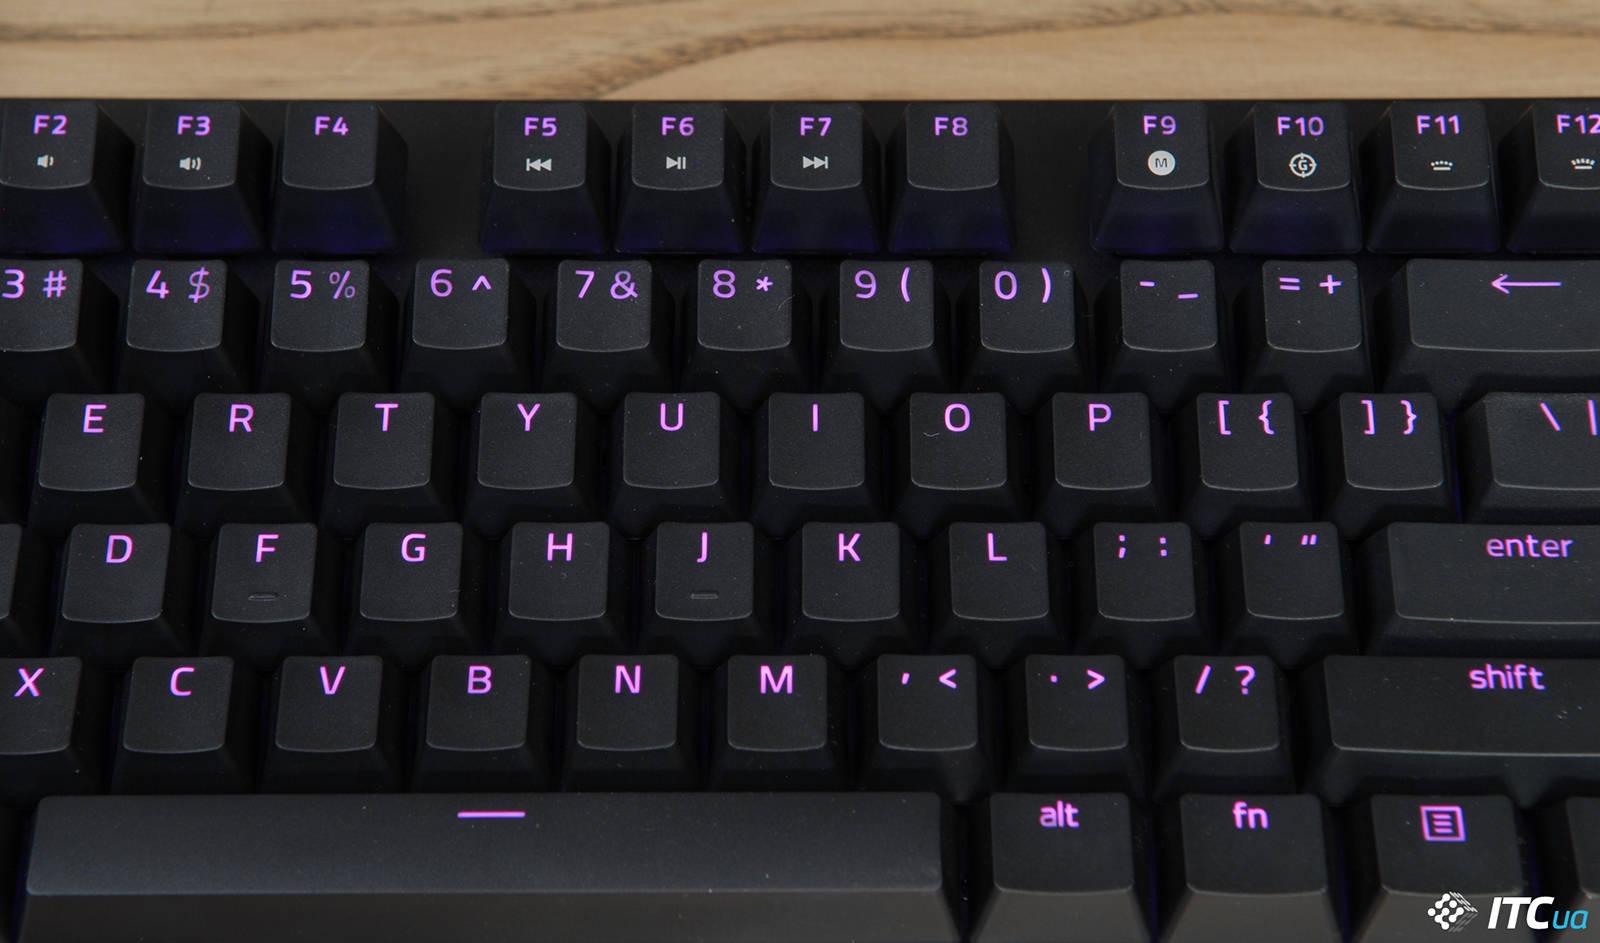 Клавиатура Razer Huntsman Tournament Edition. Фото 11